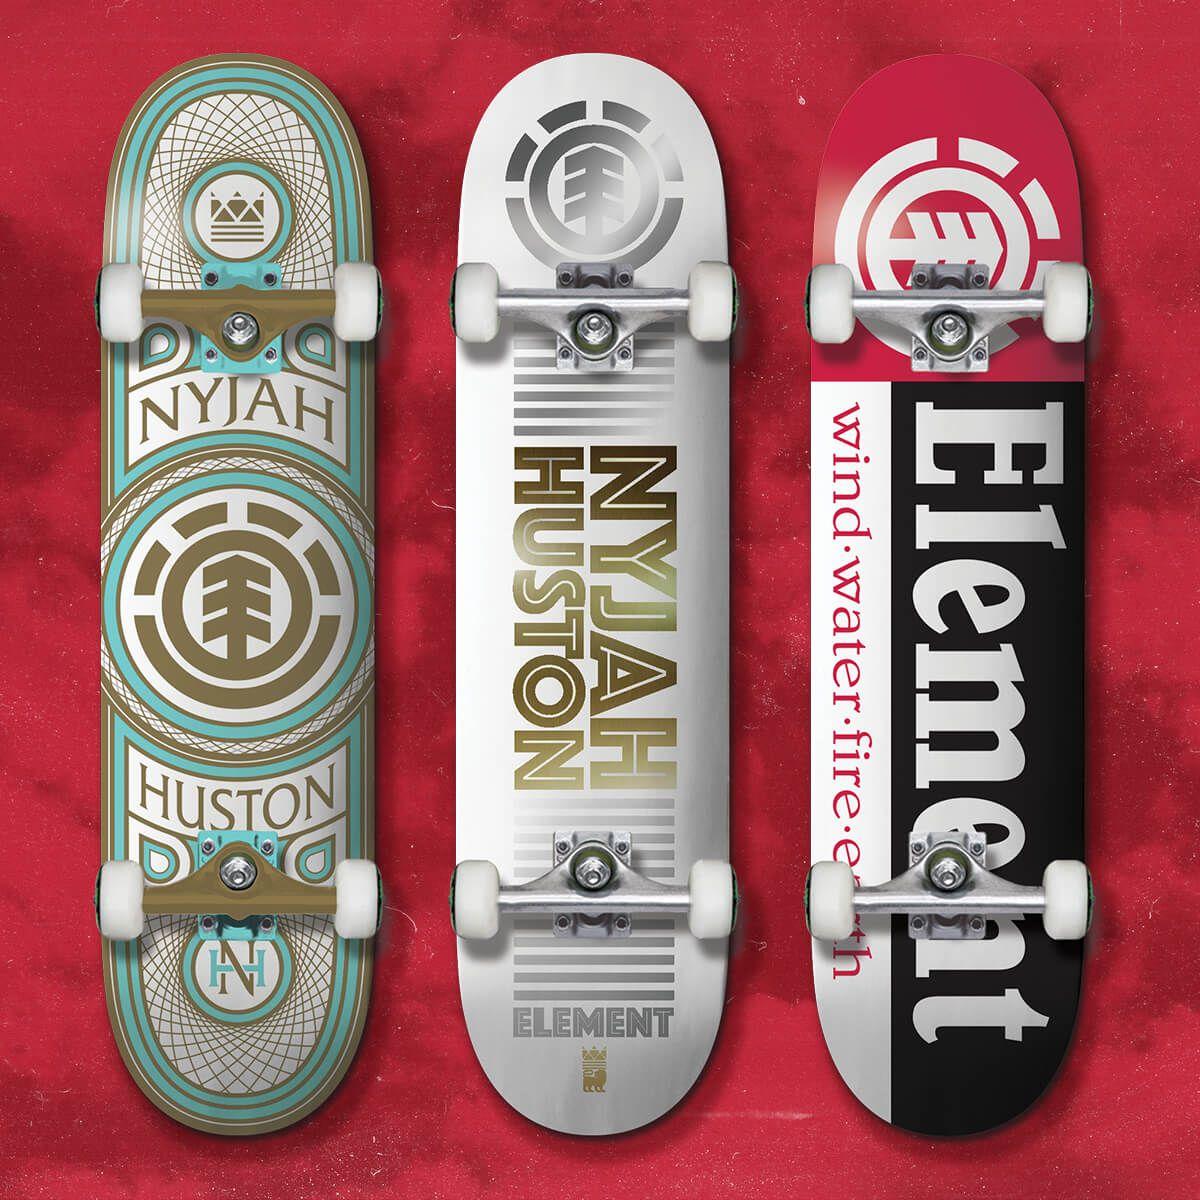 Element Skateboard Completes Complete Skateboards Element Skateboards Skateboard